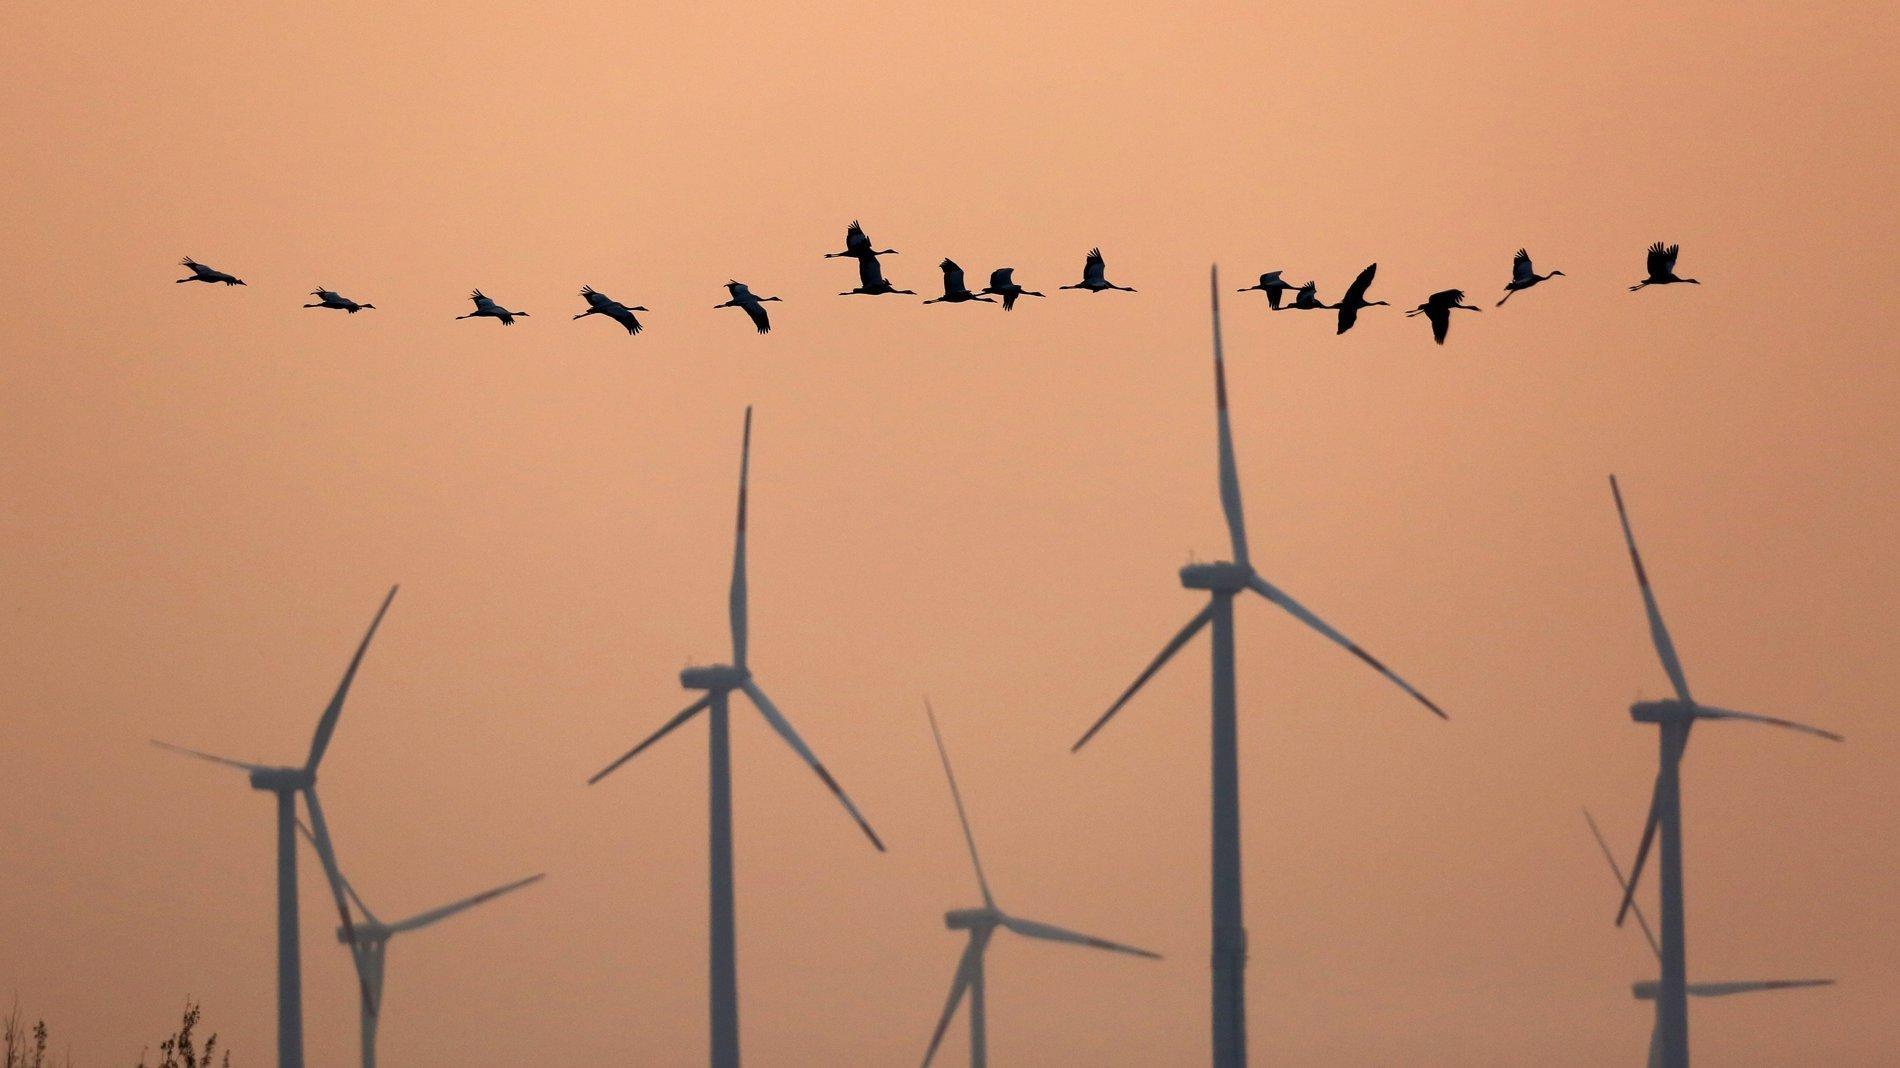 Rund ein Dutzend Kraniche fliegt vor einem Windpark vorbei; im Hintergrund die Abendsonne